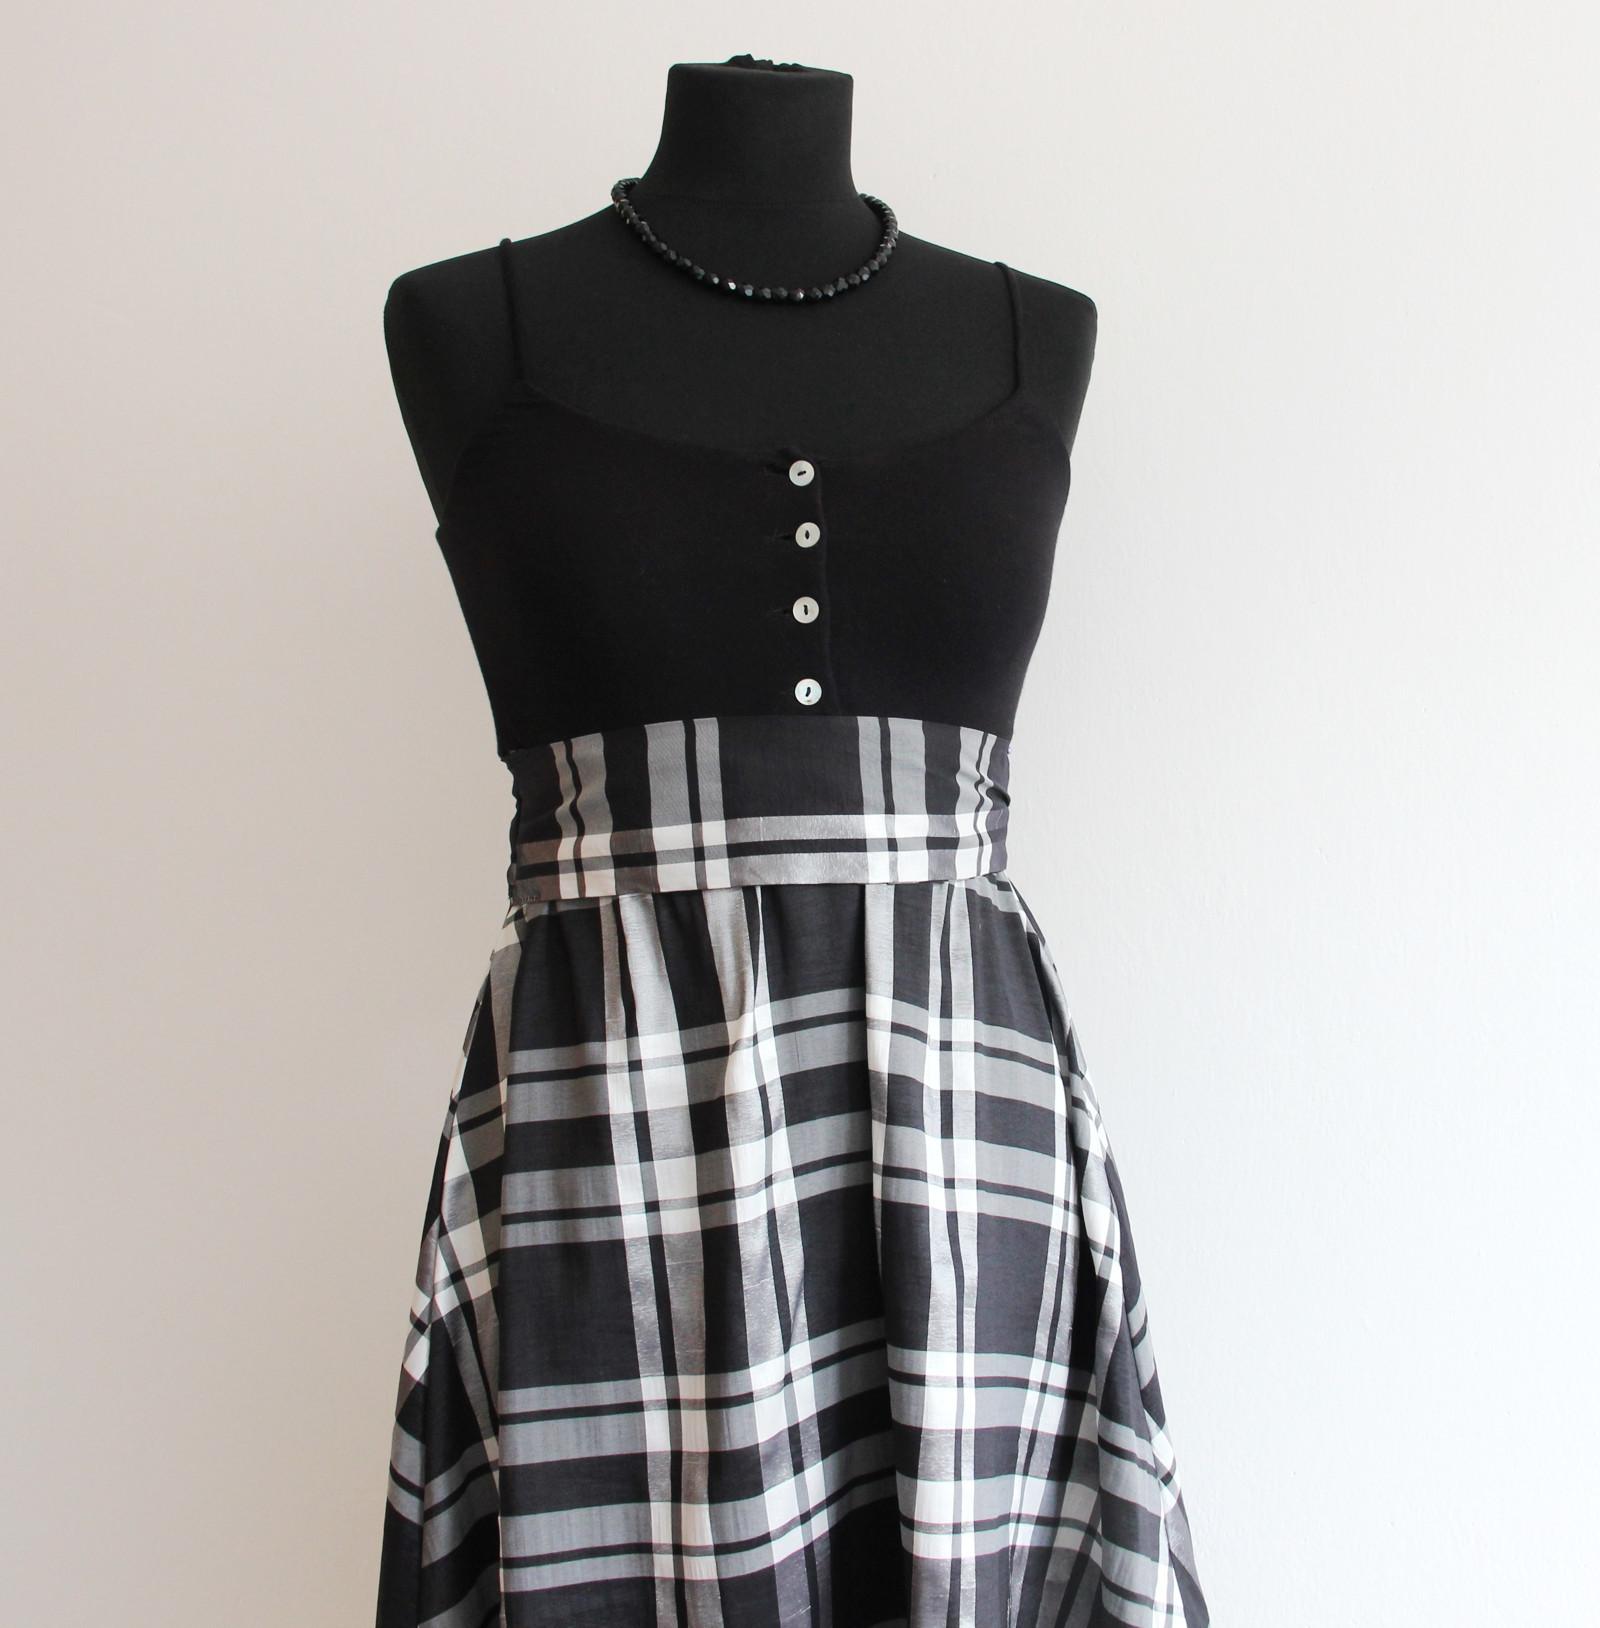 2cdc4e058653 Rozkošné černobílé kostkaté chic šaty s mašlí   Zboží prodejce ...